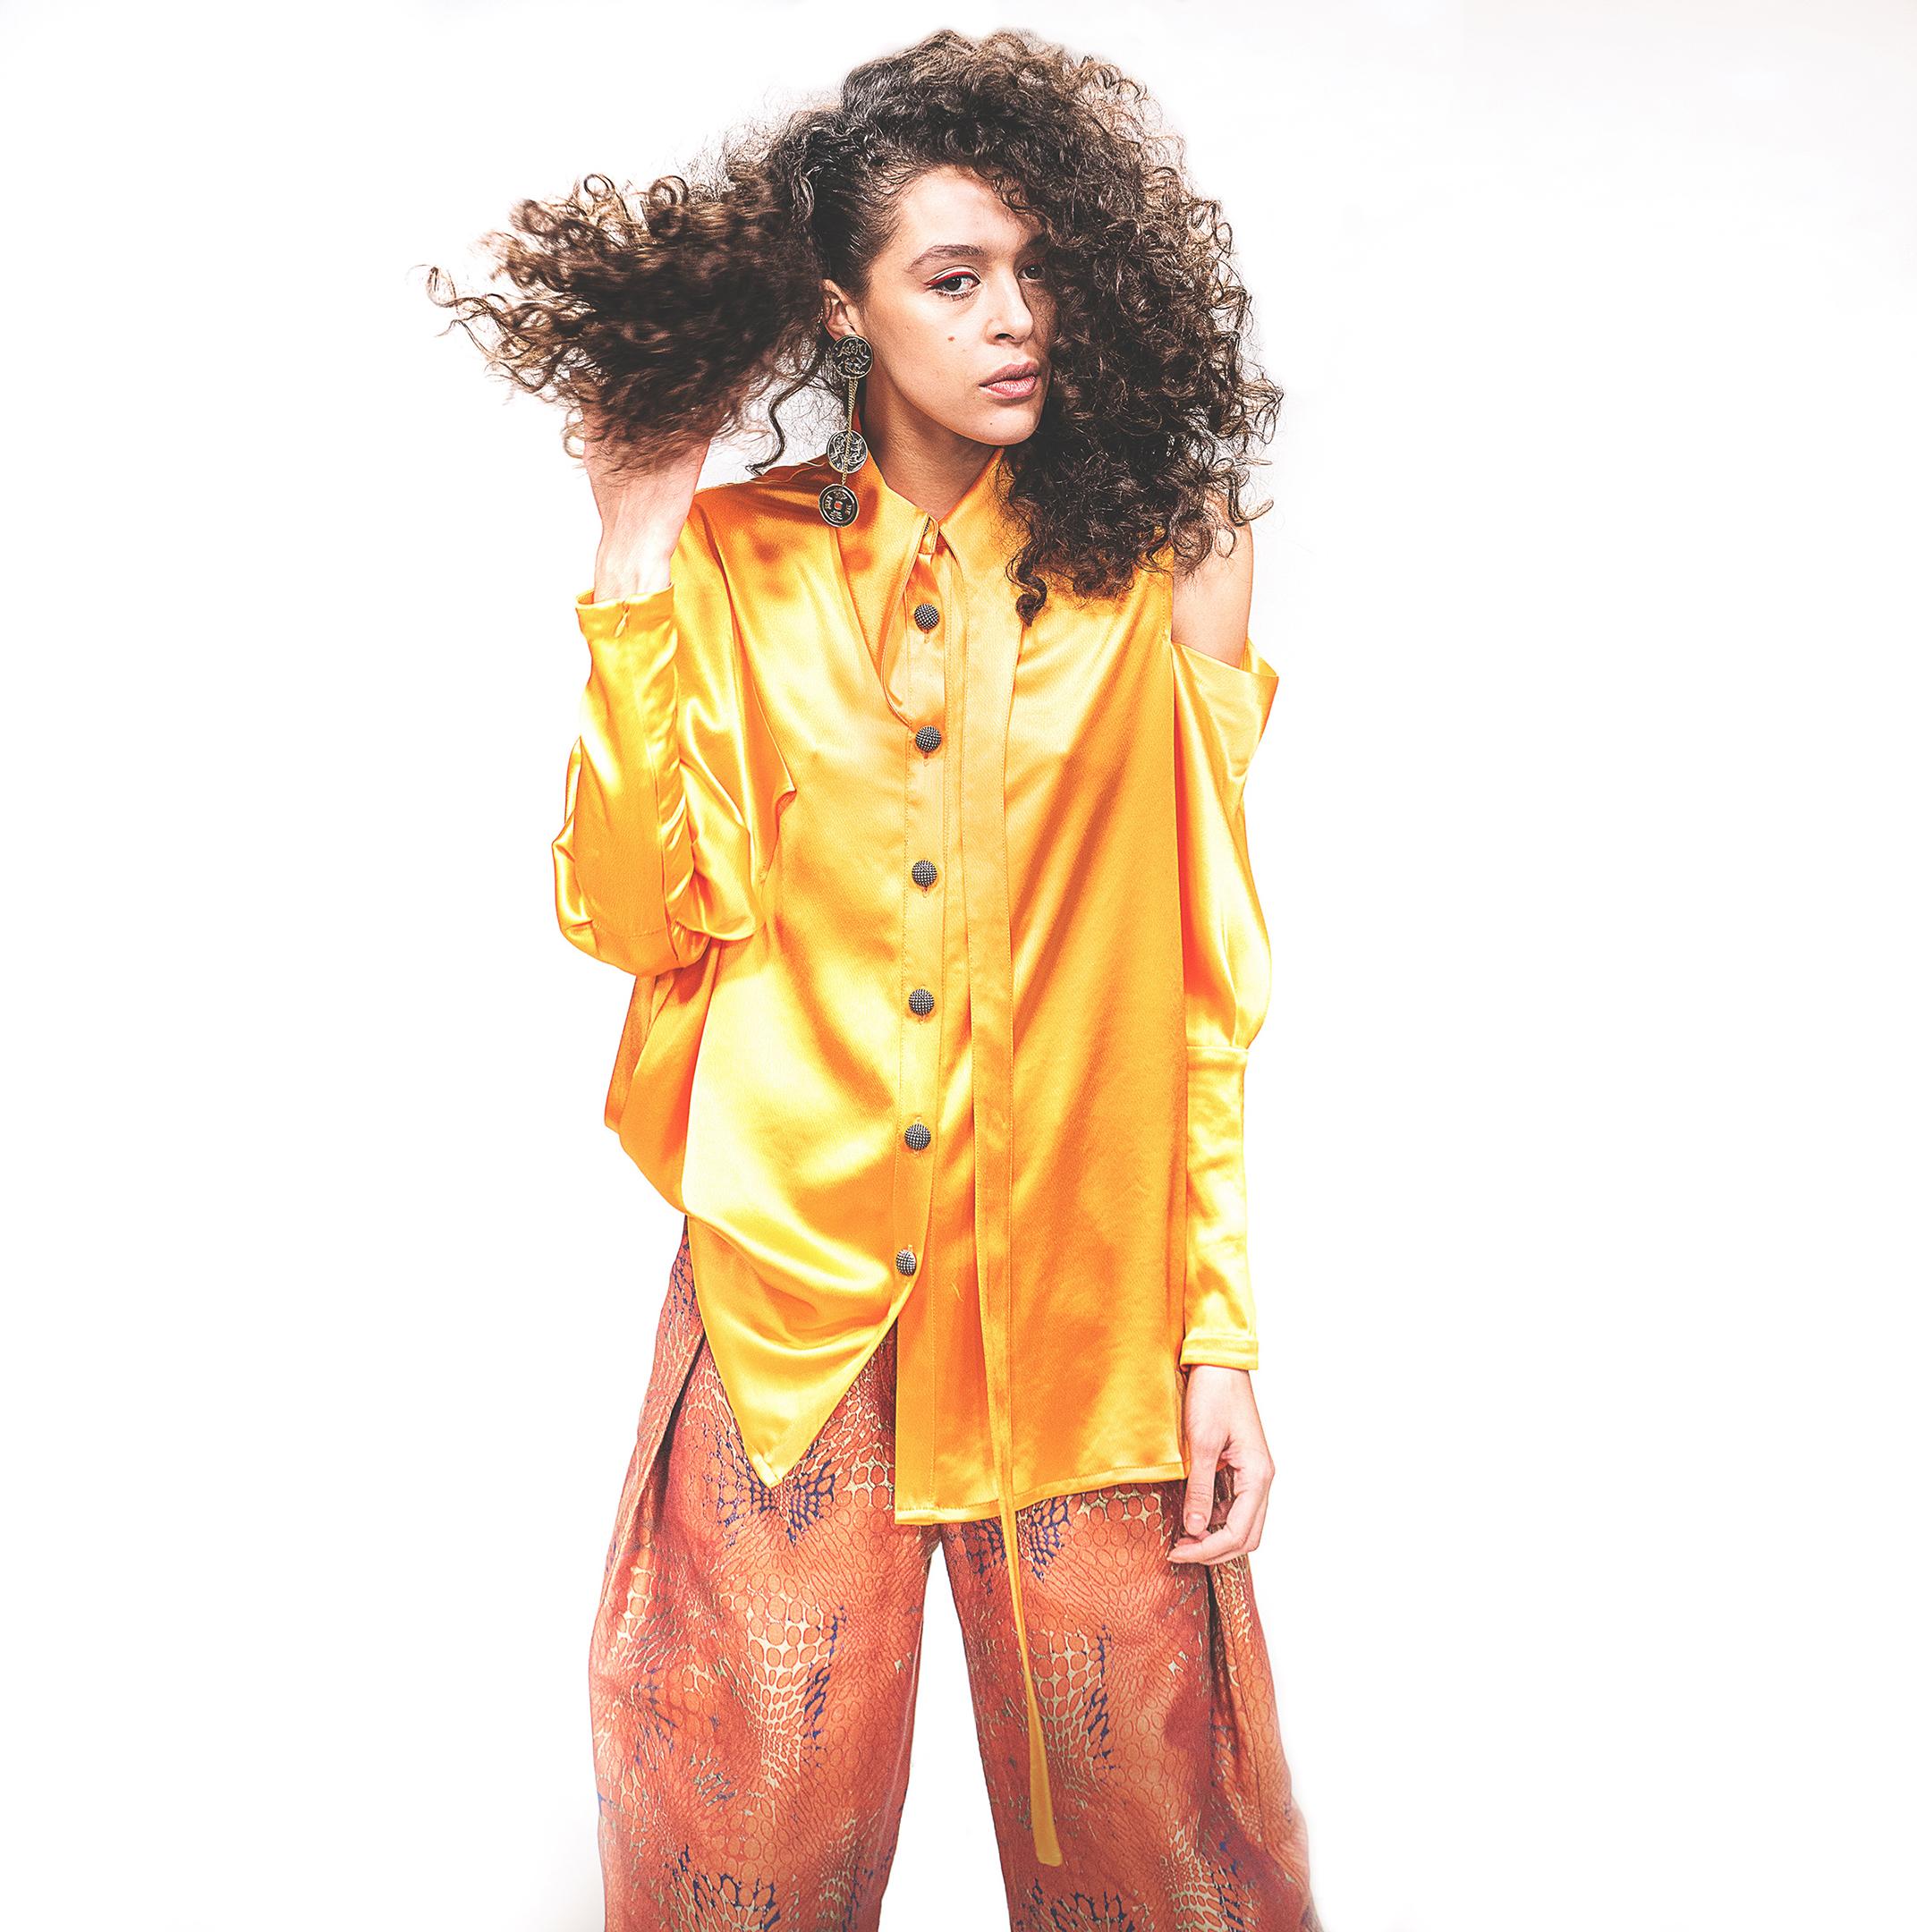 Fashion Model Hair Geoff Nichols Photography